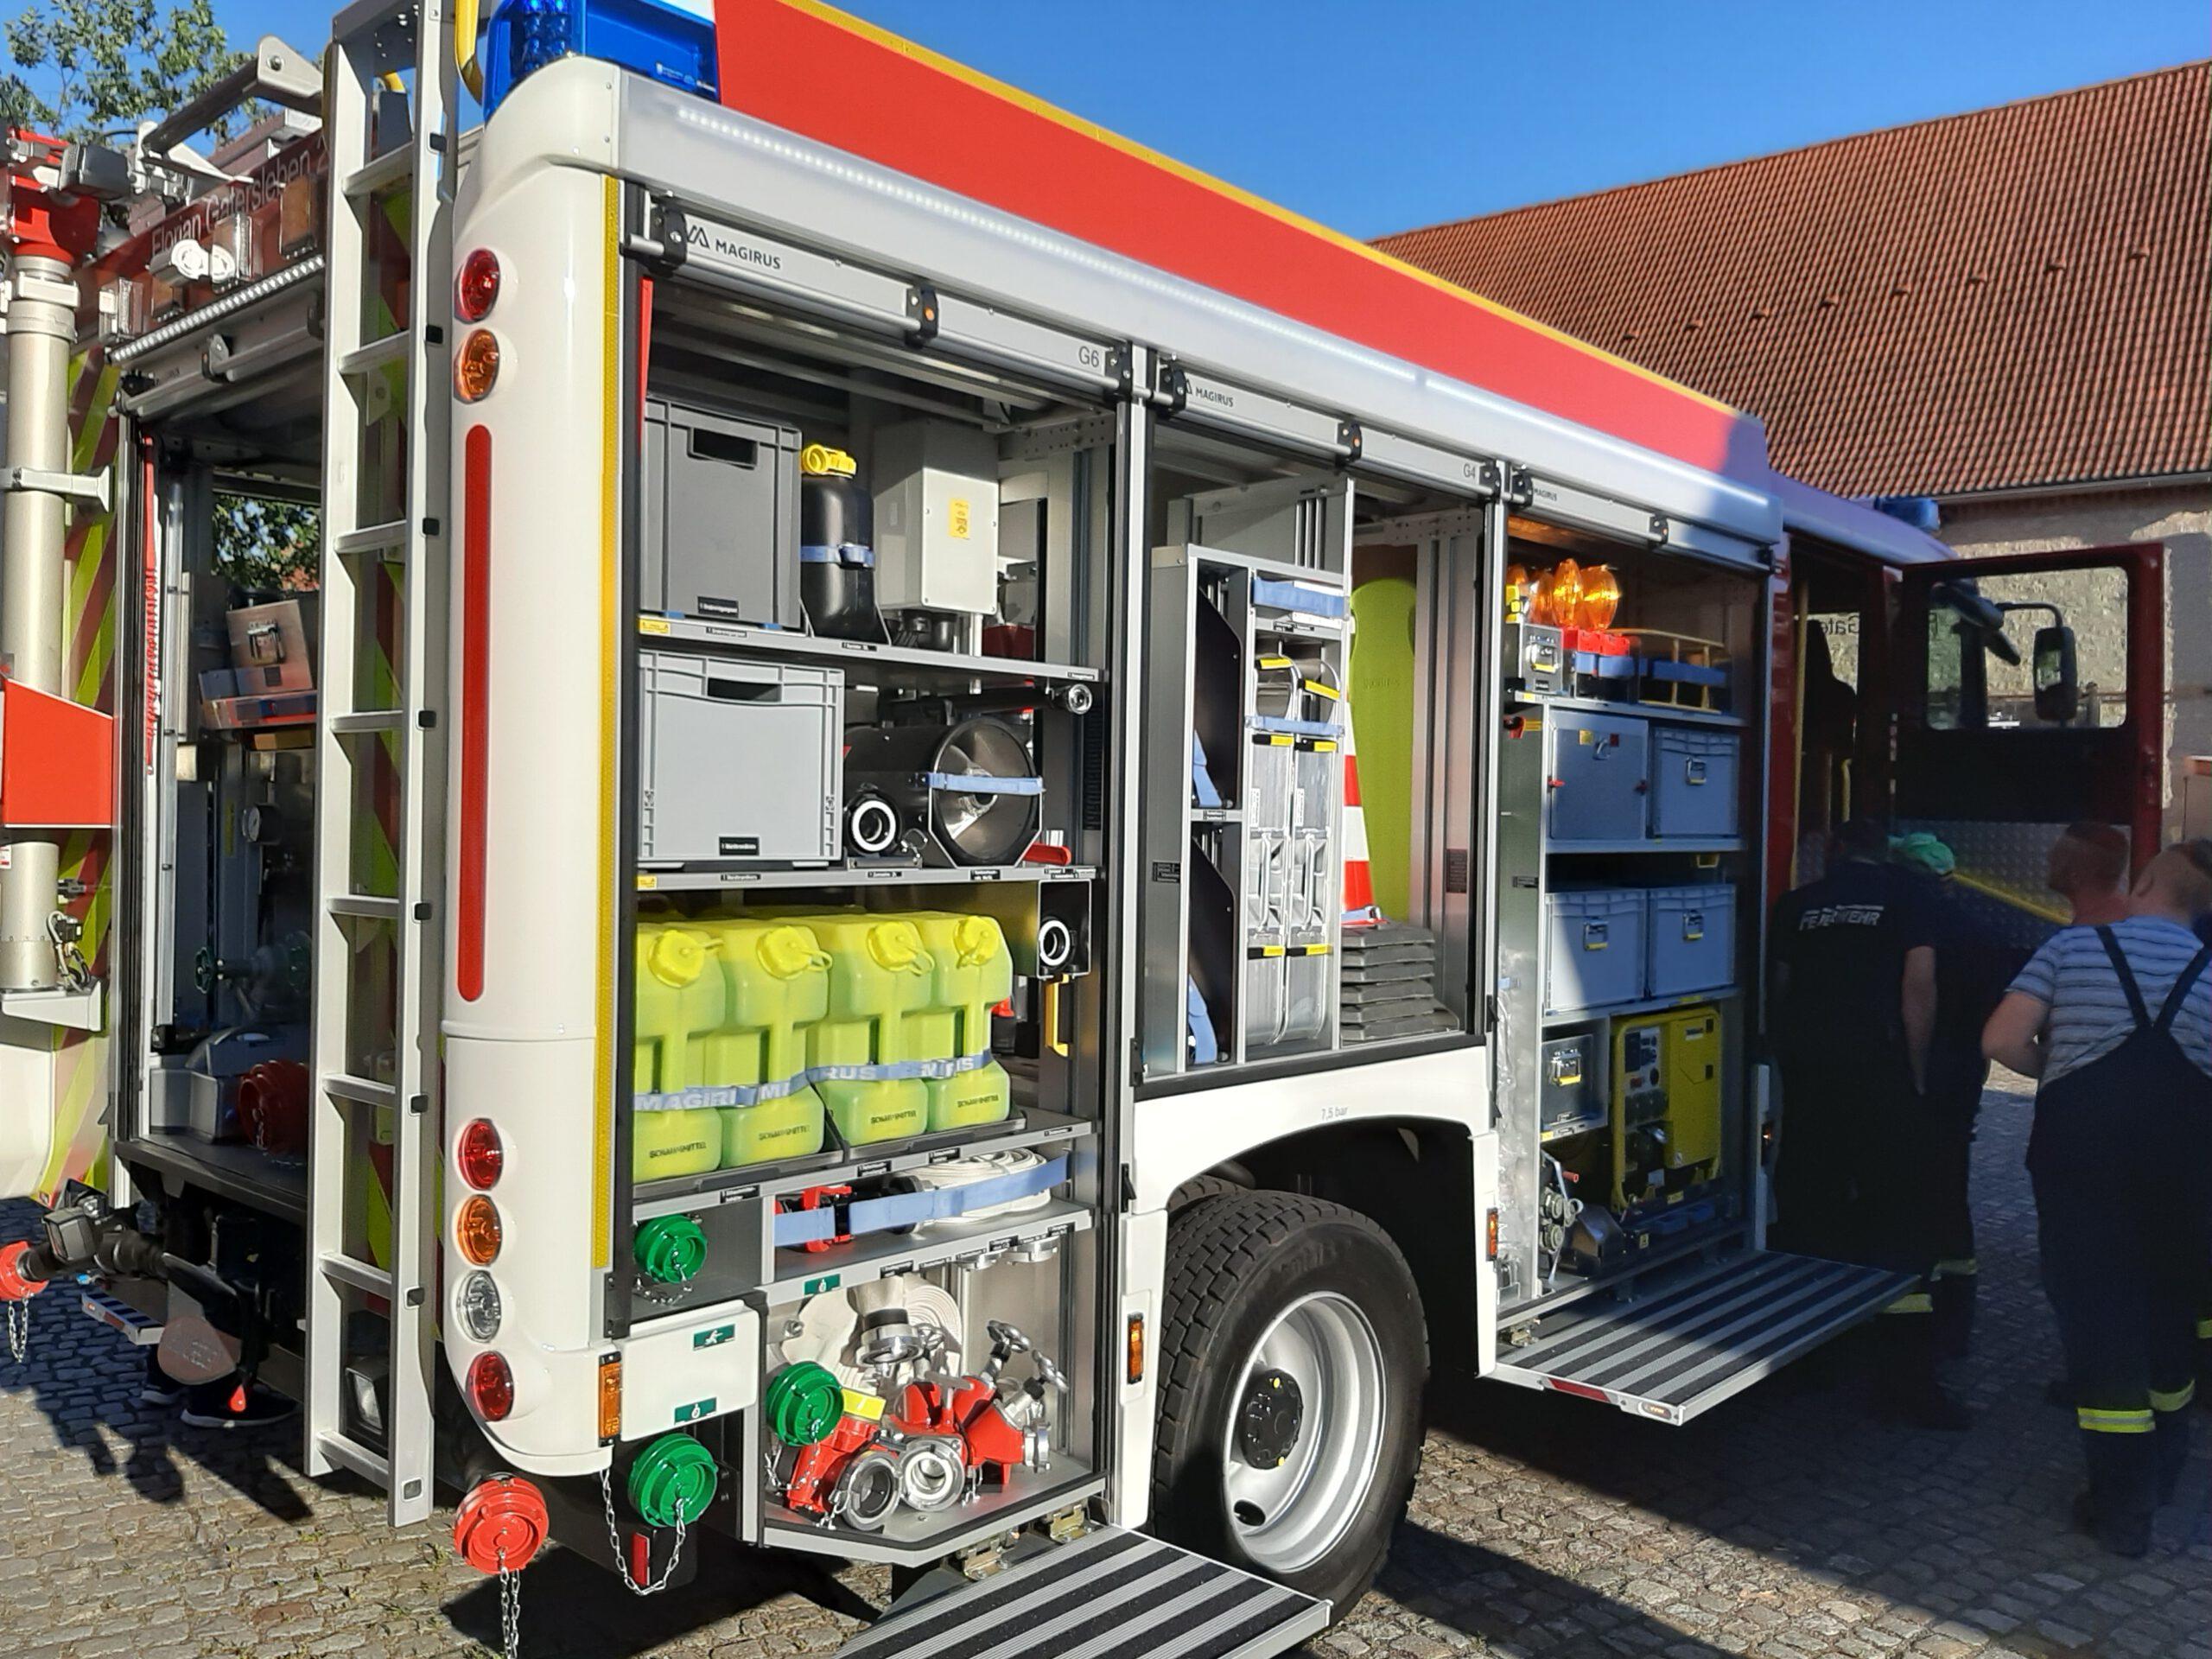 Neues Tanklöschfahrzeug (TLF 3000) in Gatersleben eingetroffen – Florian Gatersleben (Bildergalerie)